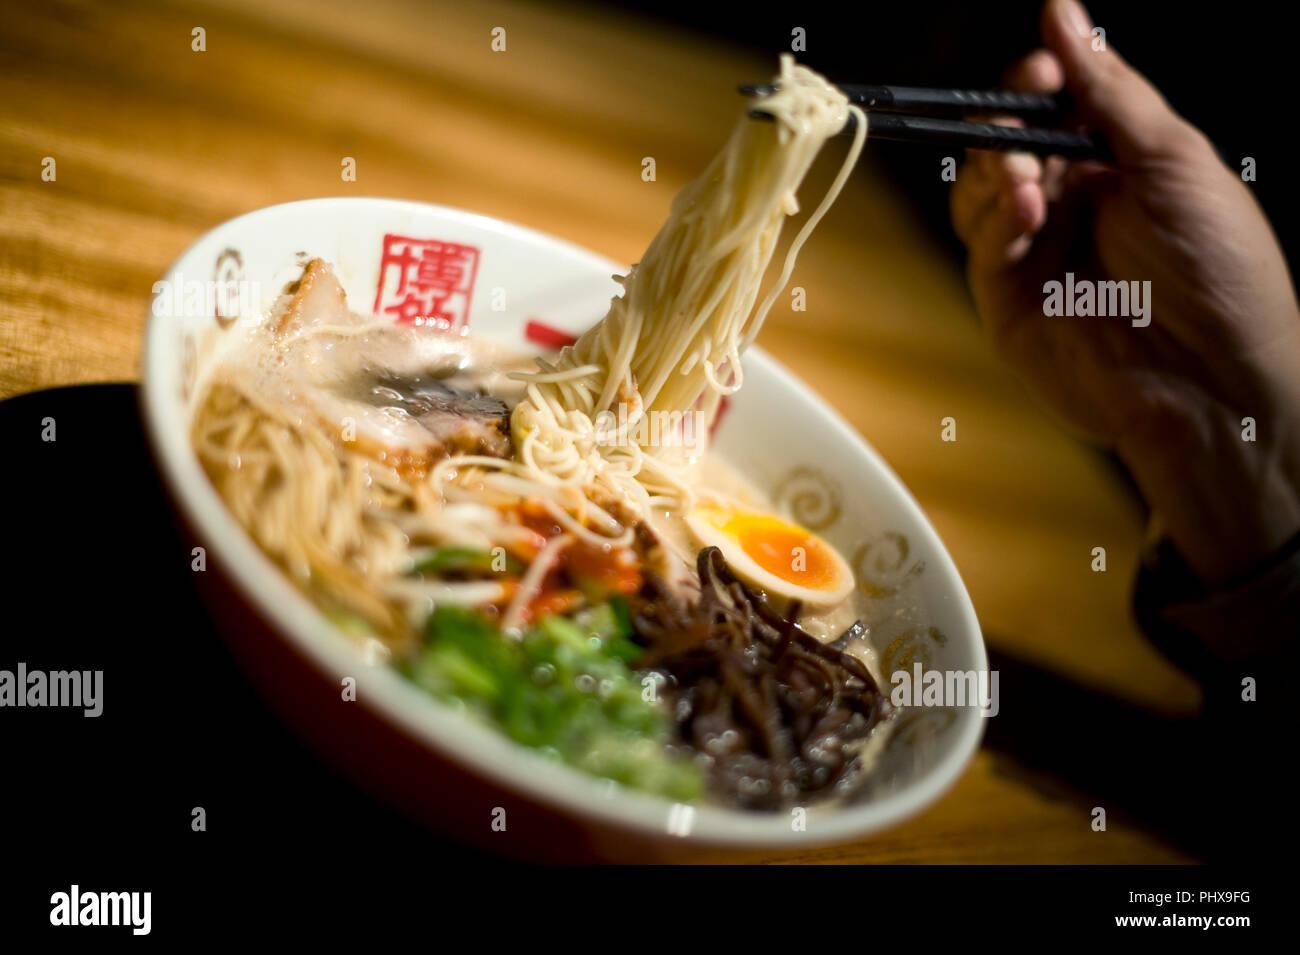 Mostra fotografica di tagliatelle zuppa preparata a Hakata Ippudo Ramen del negozio principale in il Daimyo distretto della Città di Fukuoka, Prefettura di Fukuoka in Giappone il 08 marzo 201 Immagini Stock